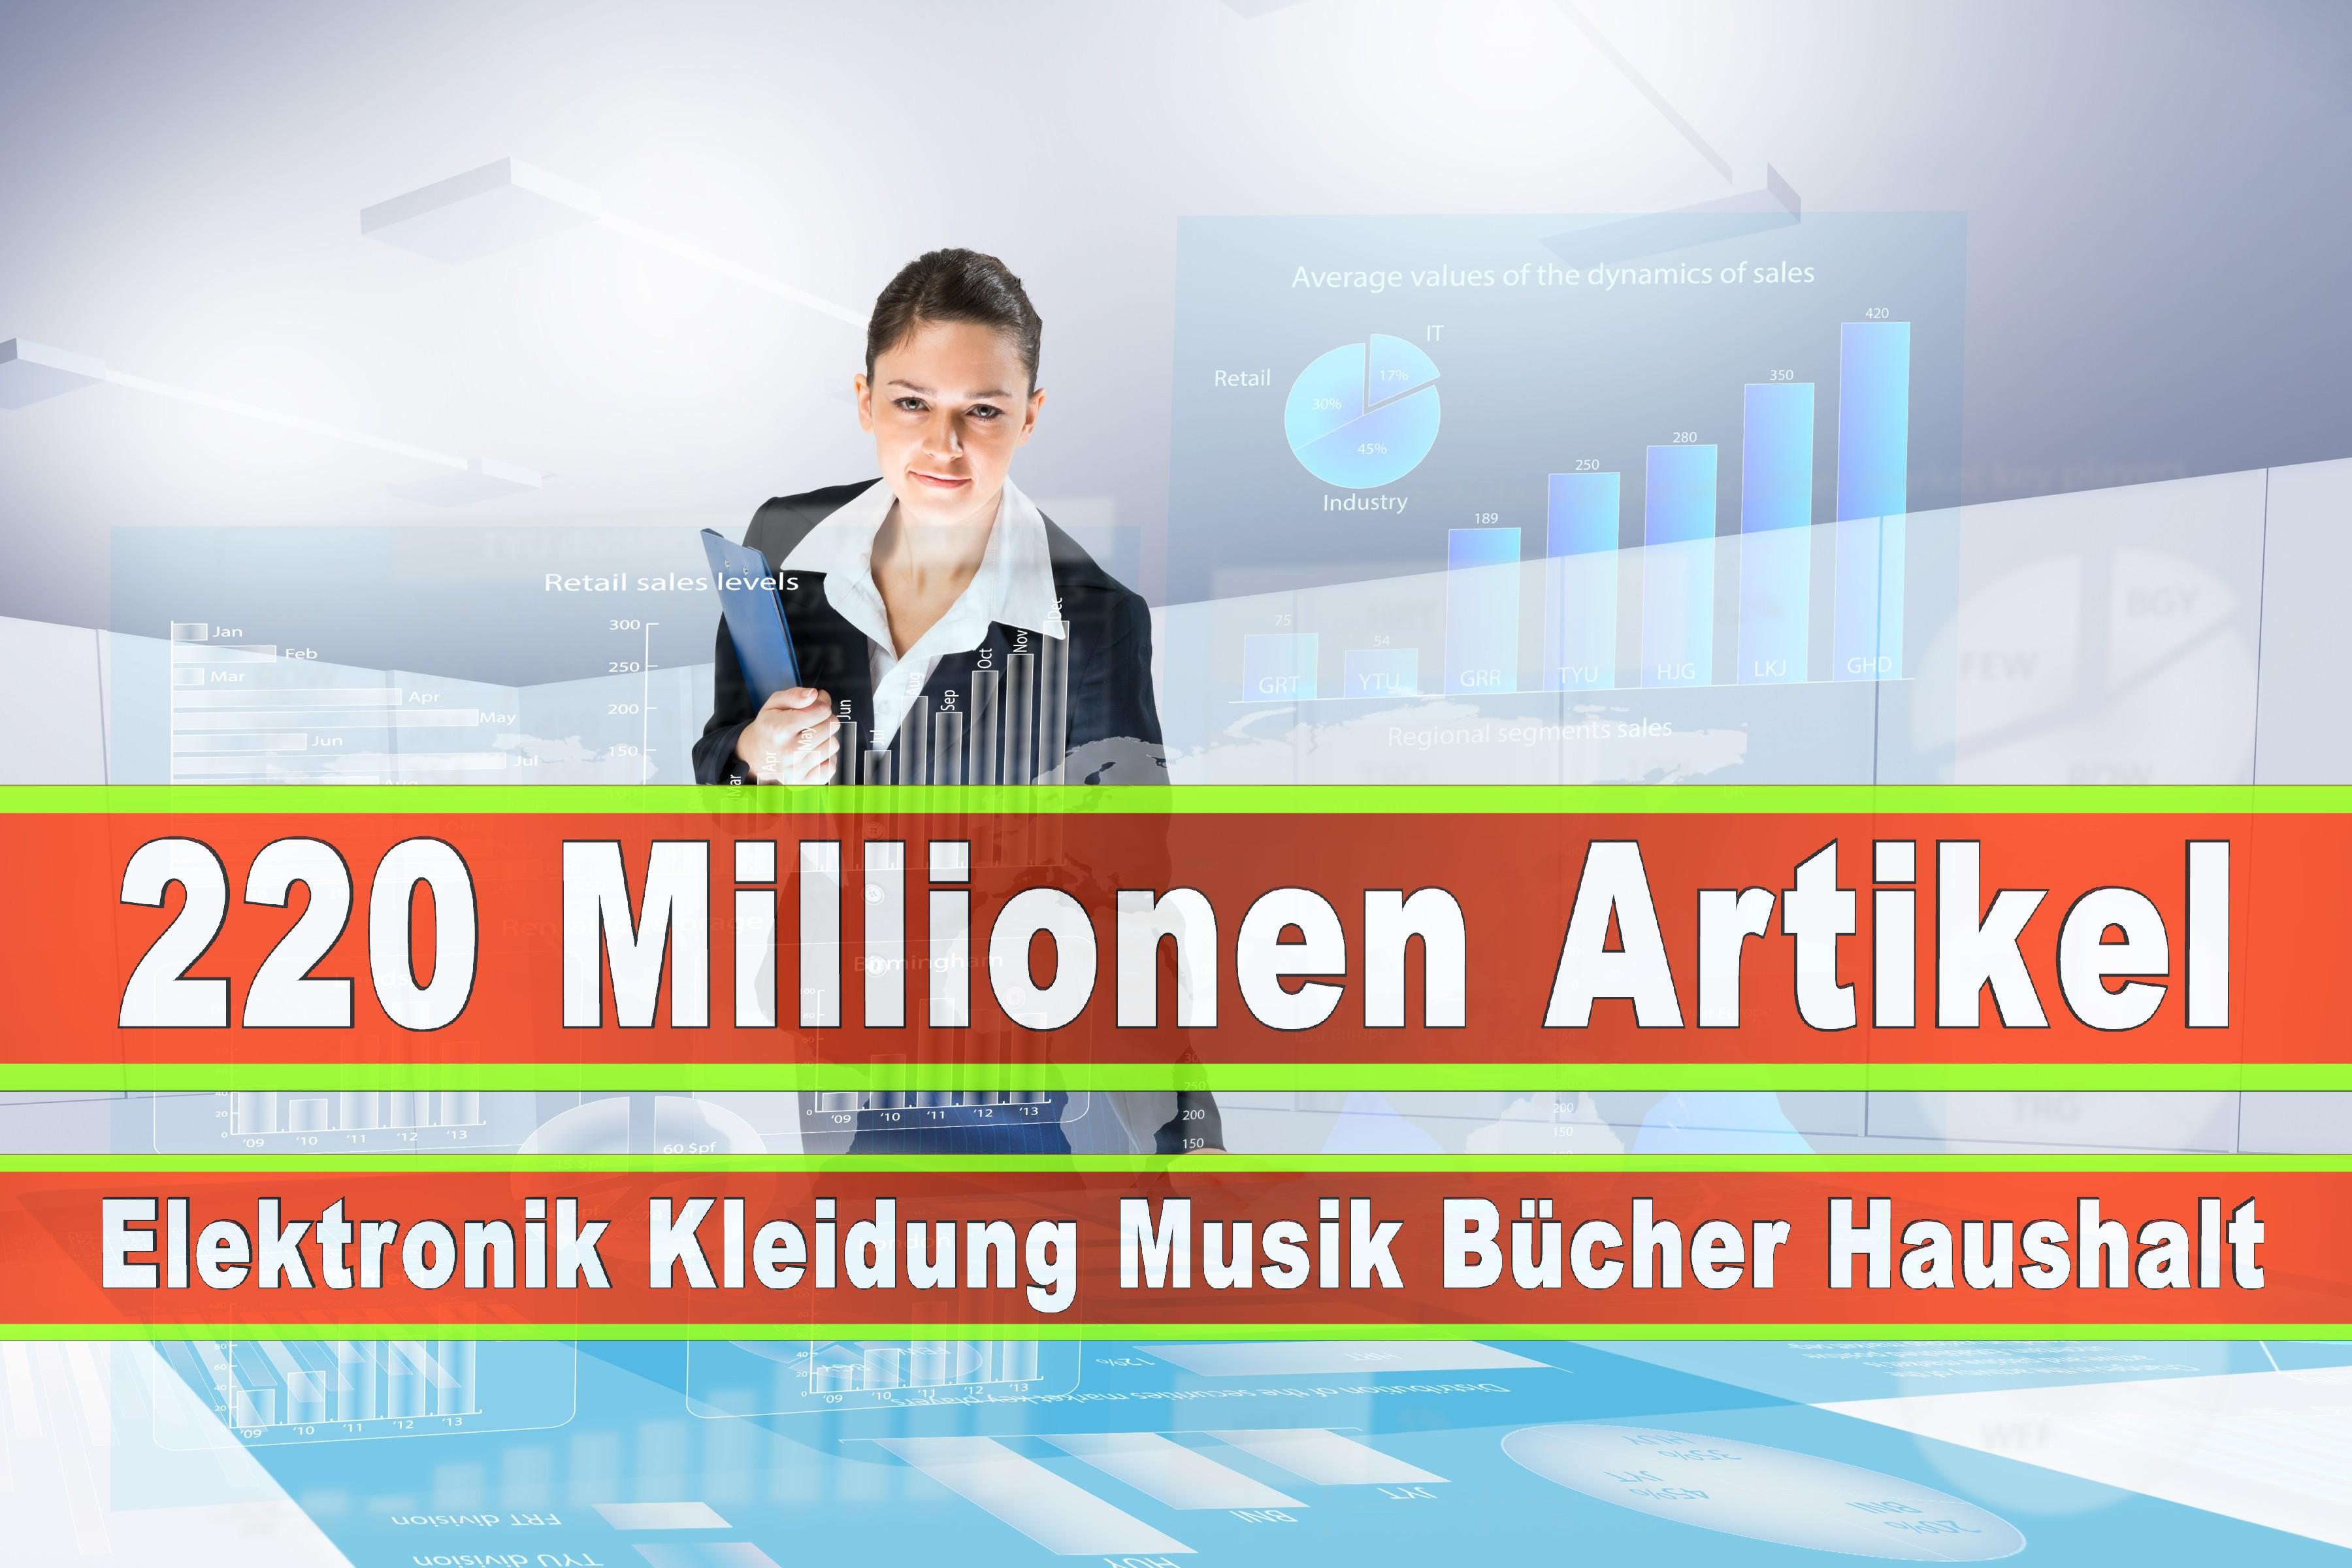 Amazon Elektronik Musik Haushalt Bücher CD DVD Handys Smartphones TV Television Fernseher Kleidung Mode Ebay Versandhaus (8)